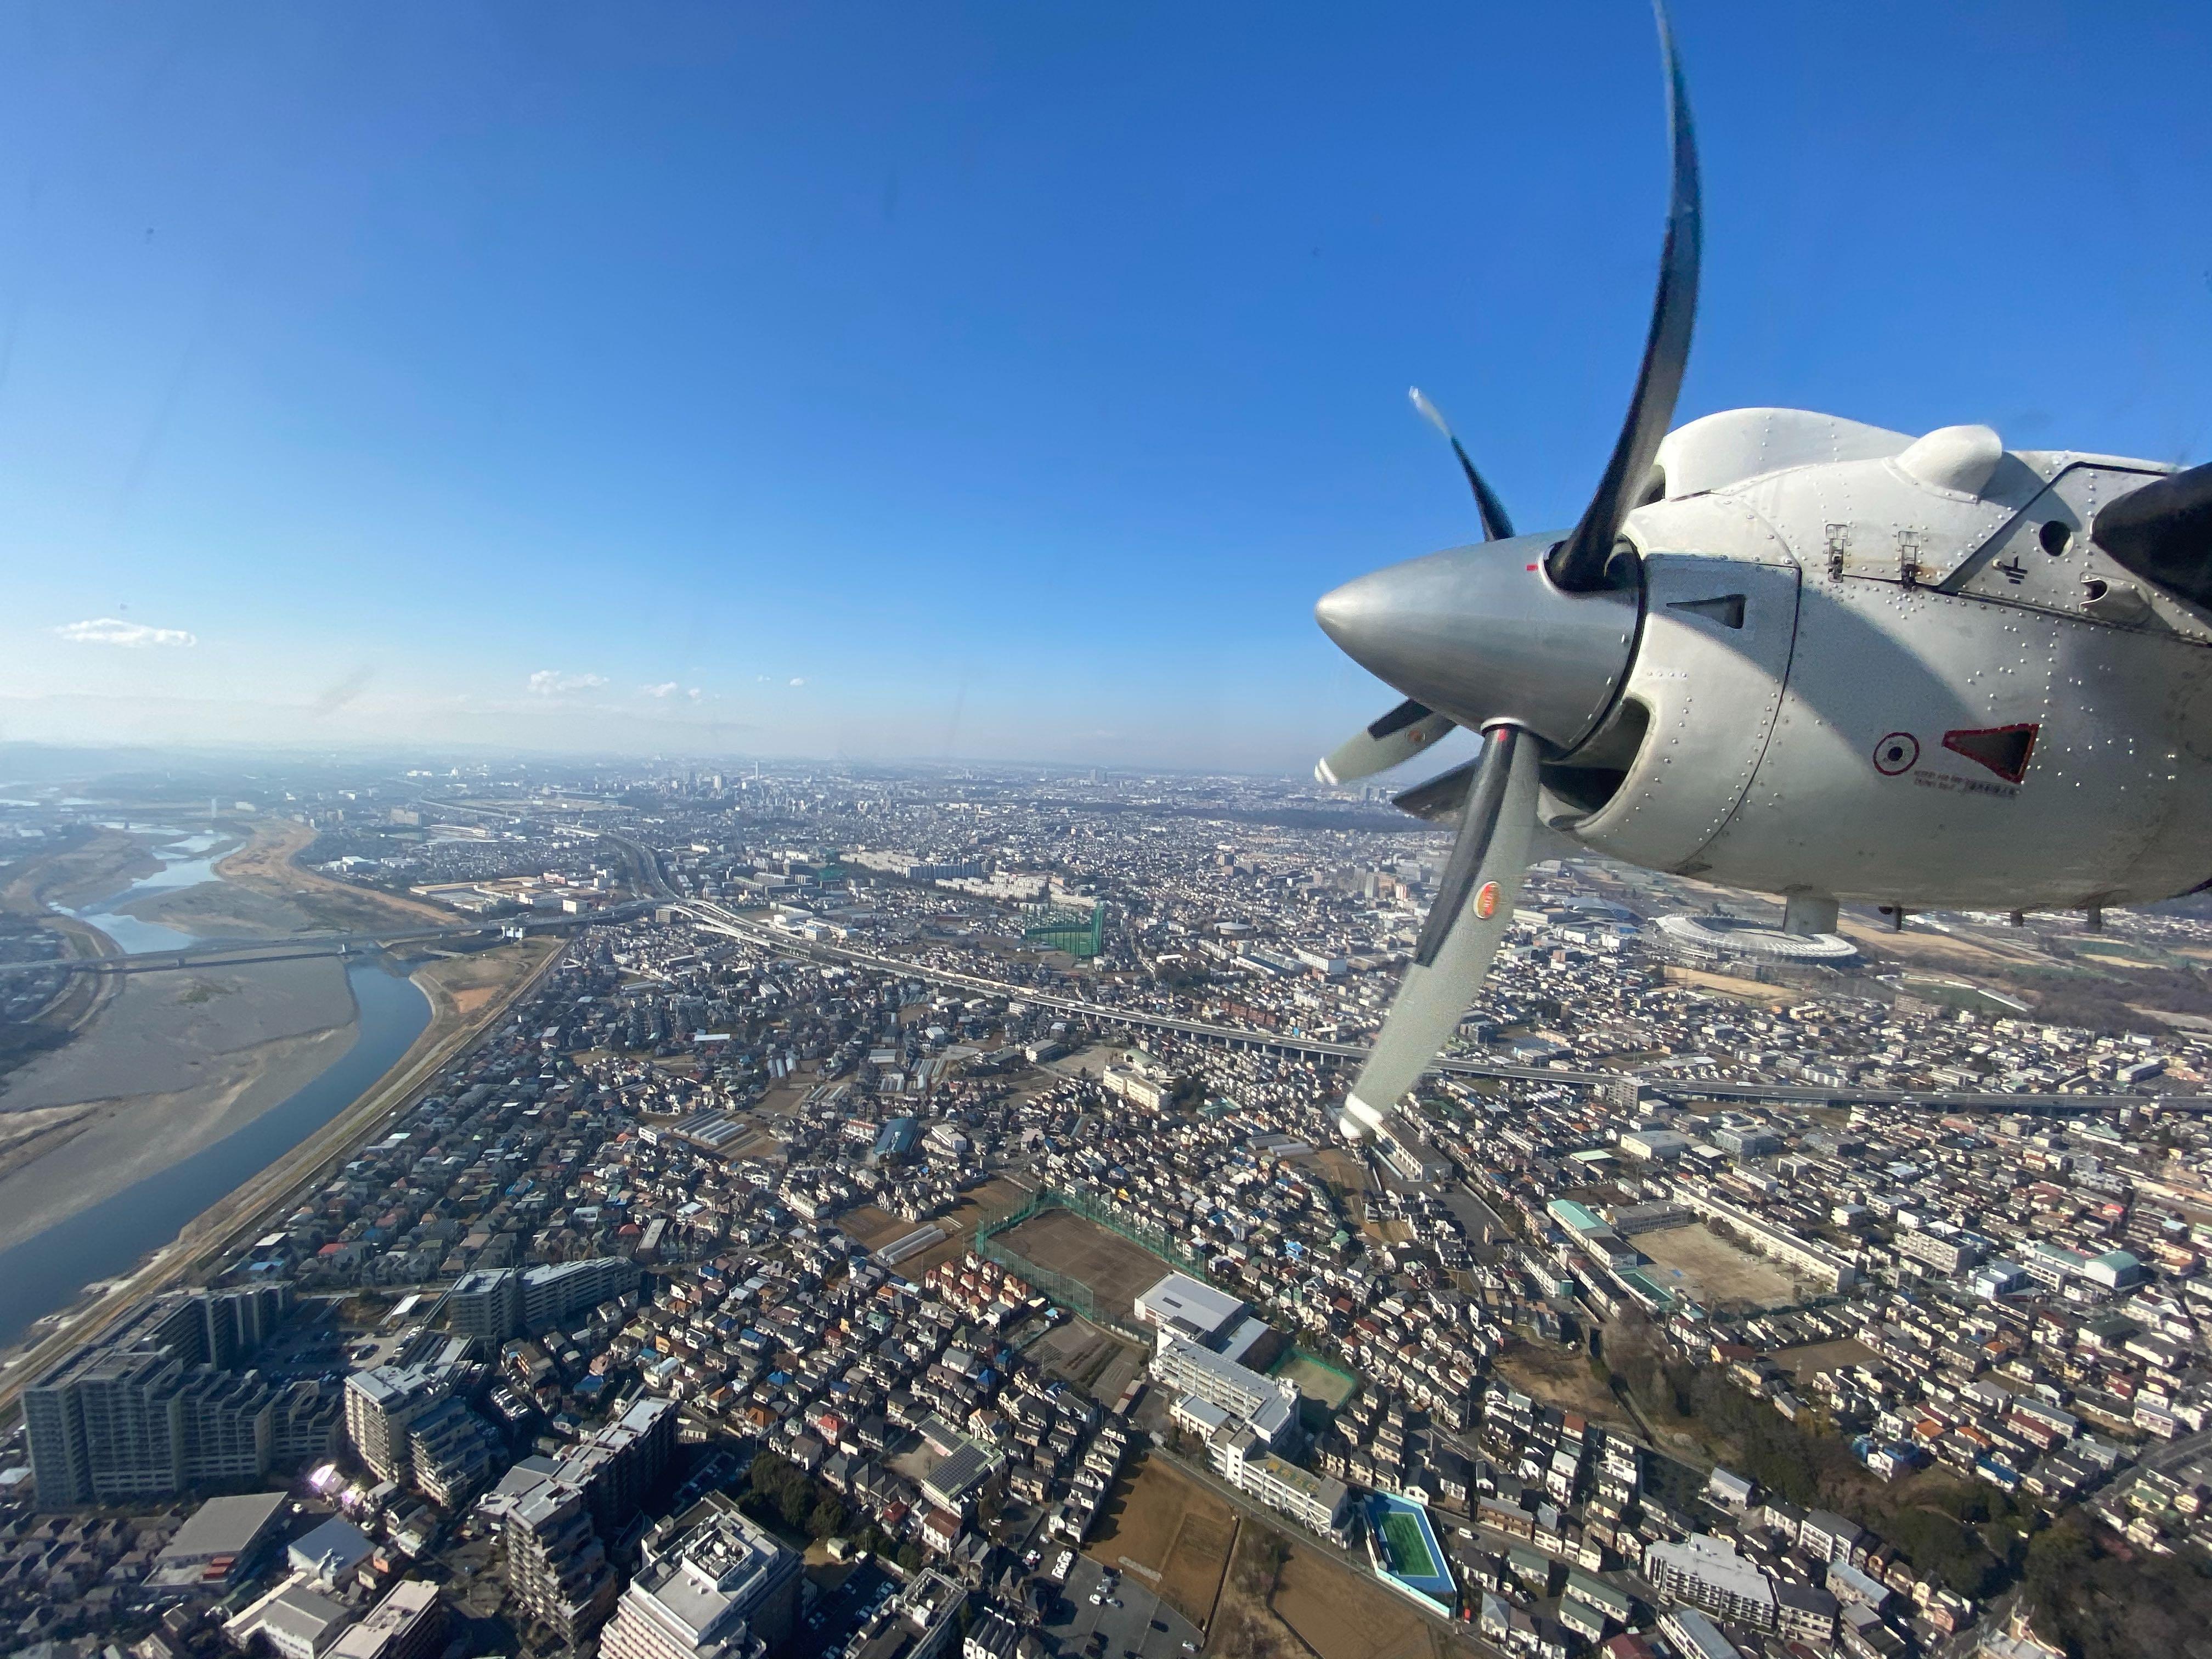 三宅島ドリームプロジェクトに向けて飛び立つ機内からの写真|bravesoft